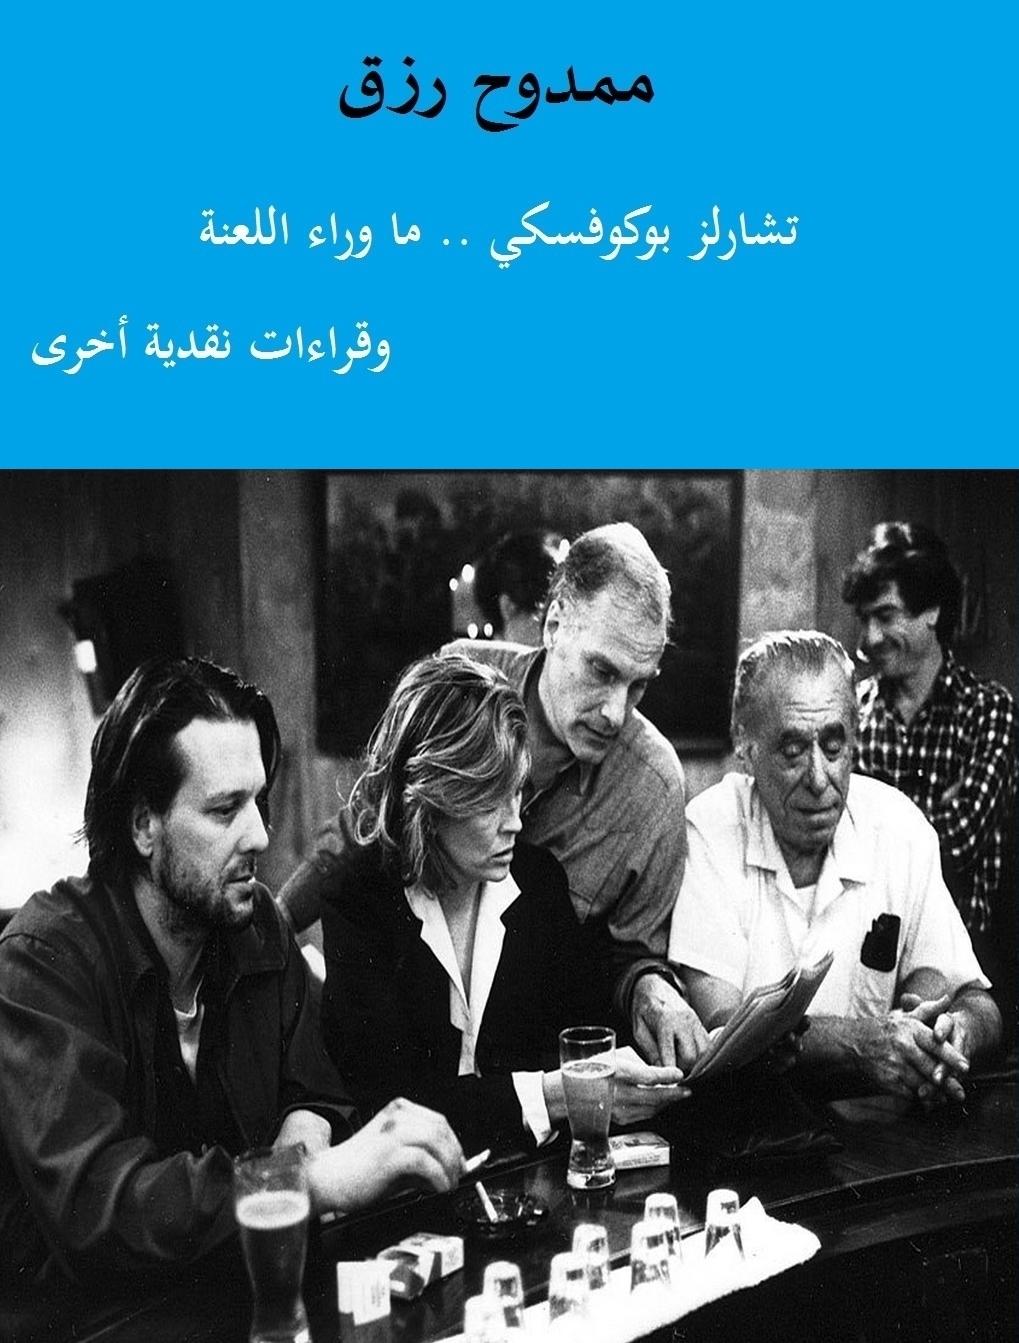 """تحميل كتاب """"تشارلز بوكوفسكي .. ما وراء اللعنة ـ وقراءات نقدية أخرى"""""""